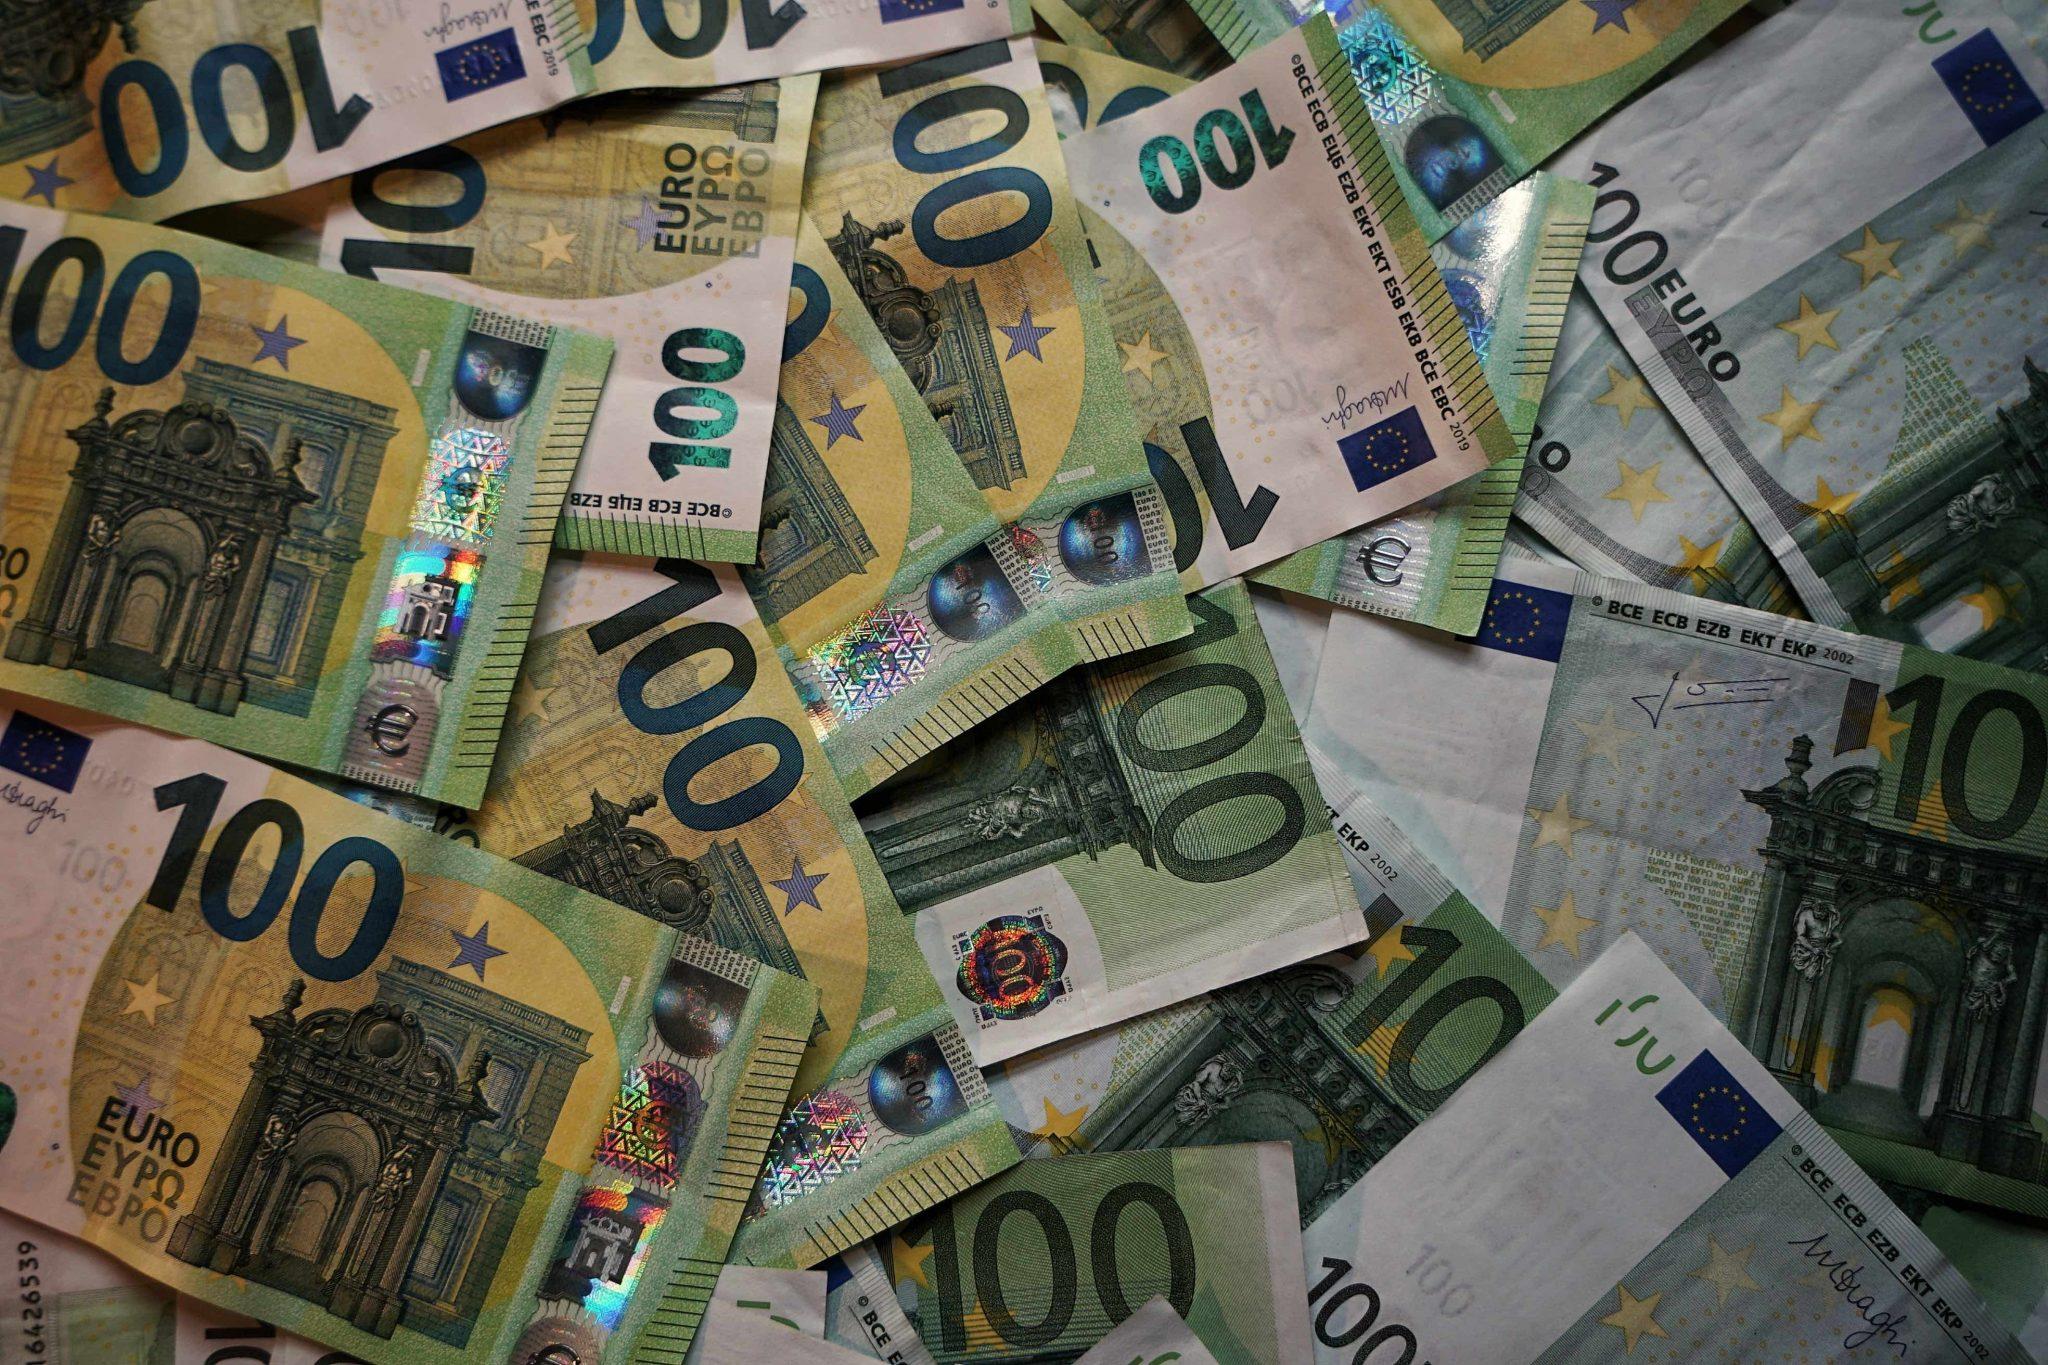 Partite Iva ricche: decine di banconote da cento euro.